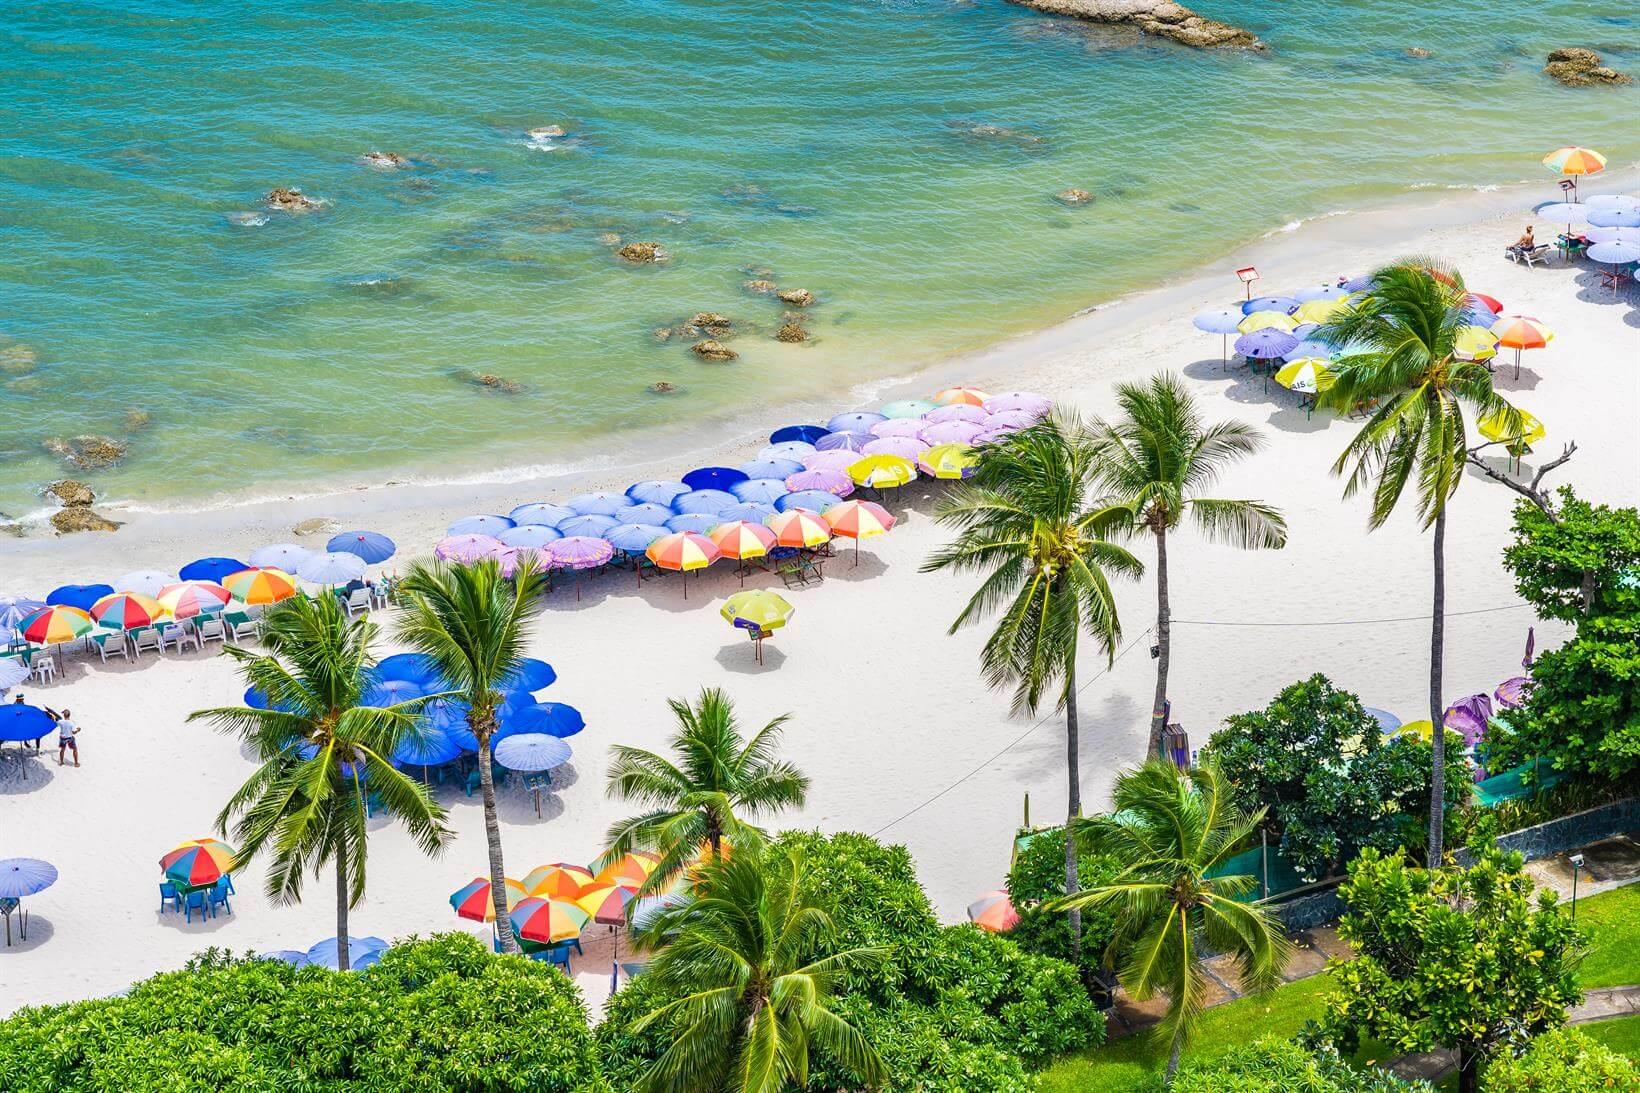 Melhores Ilhas e Praias da Tailândia: Hua Hin